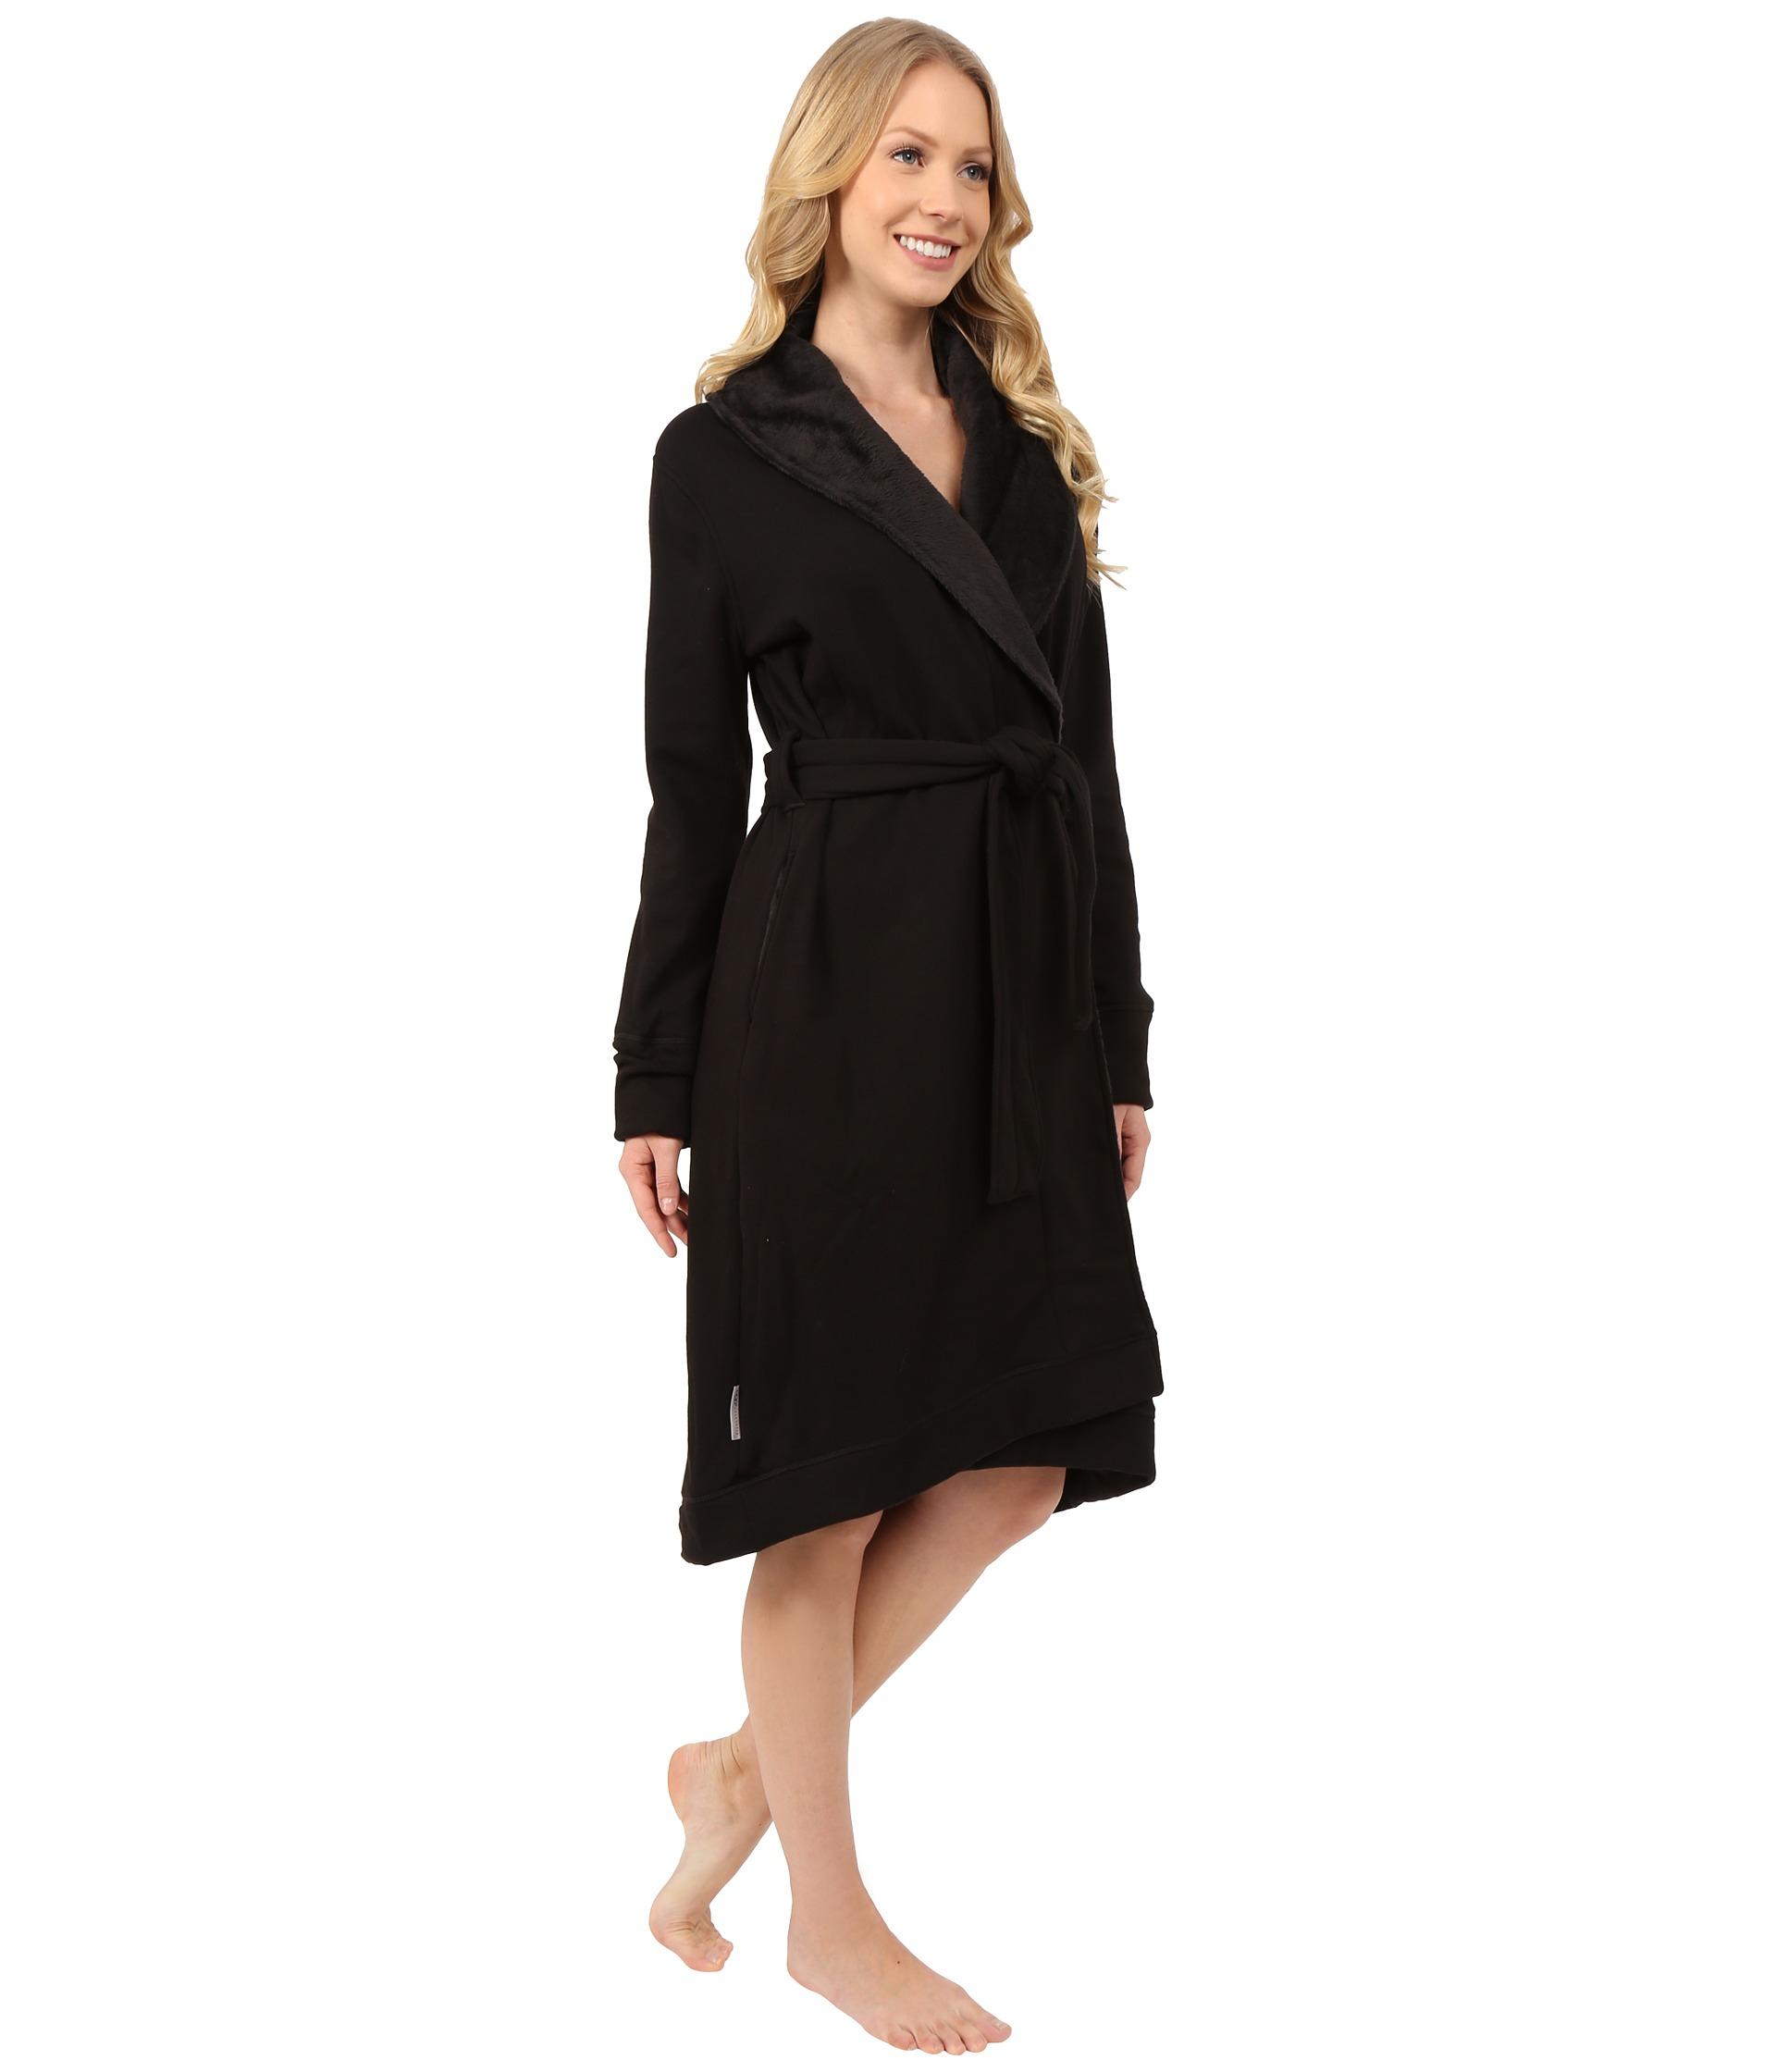 Lyst - UGG Allinda Robe in Black 09e849c9b